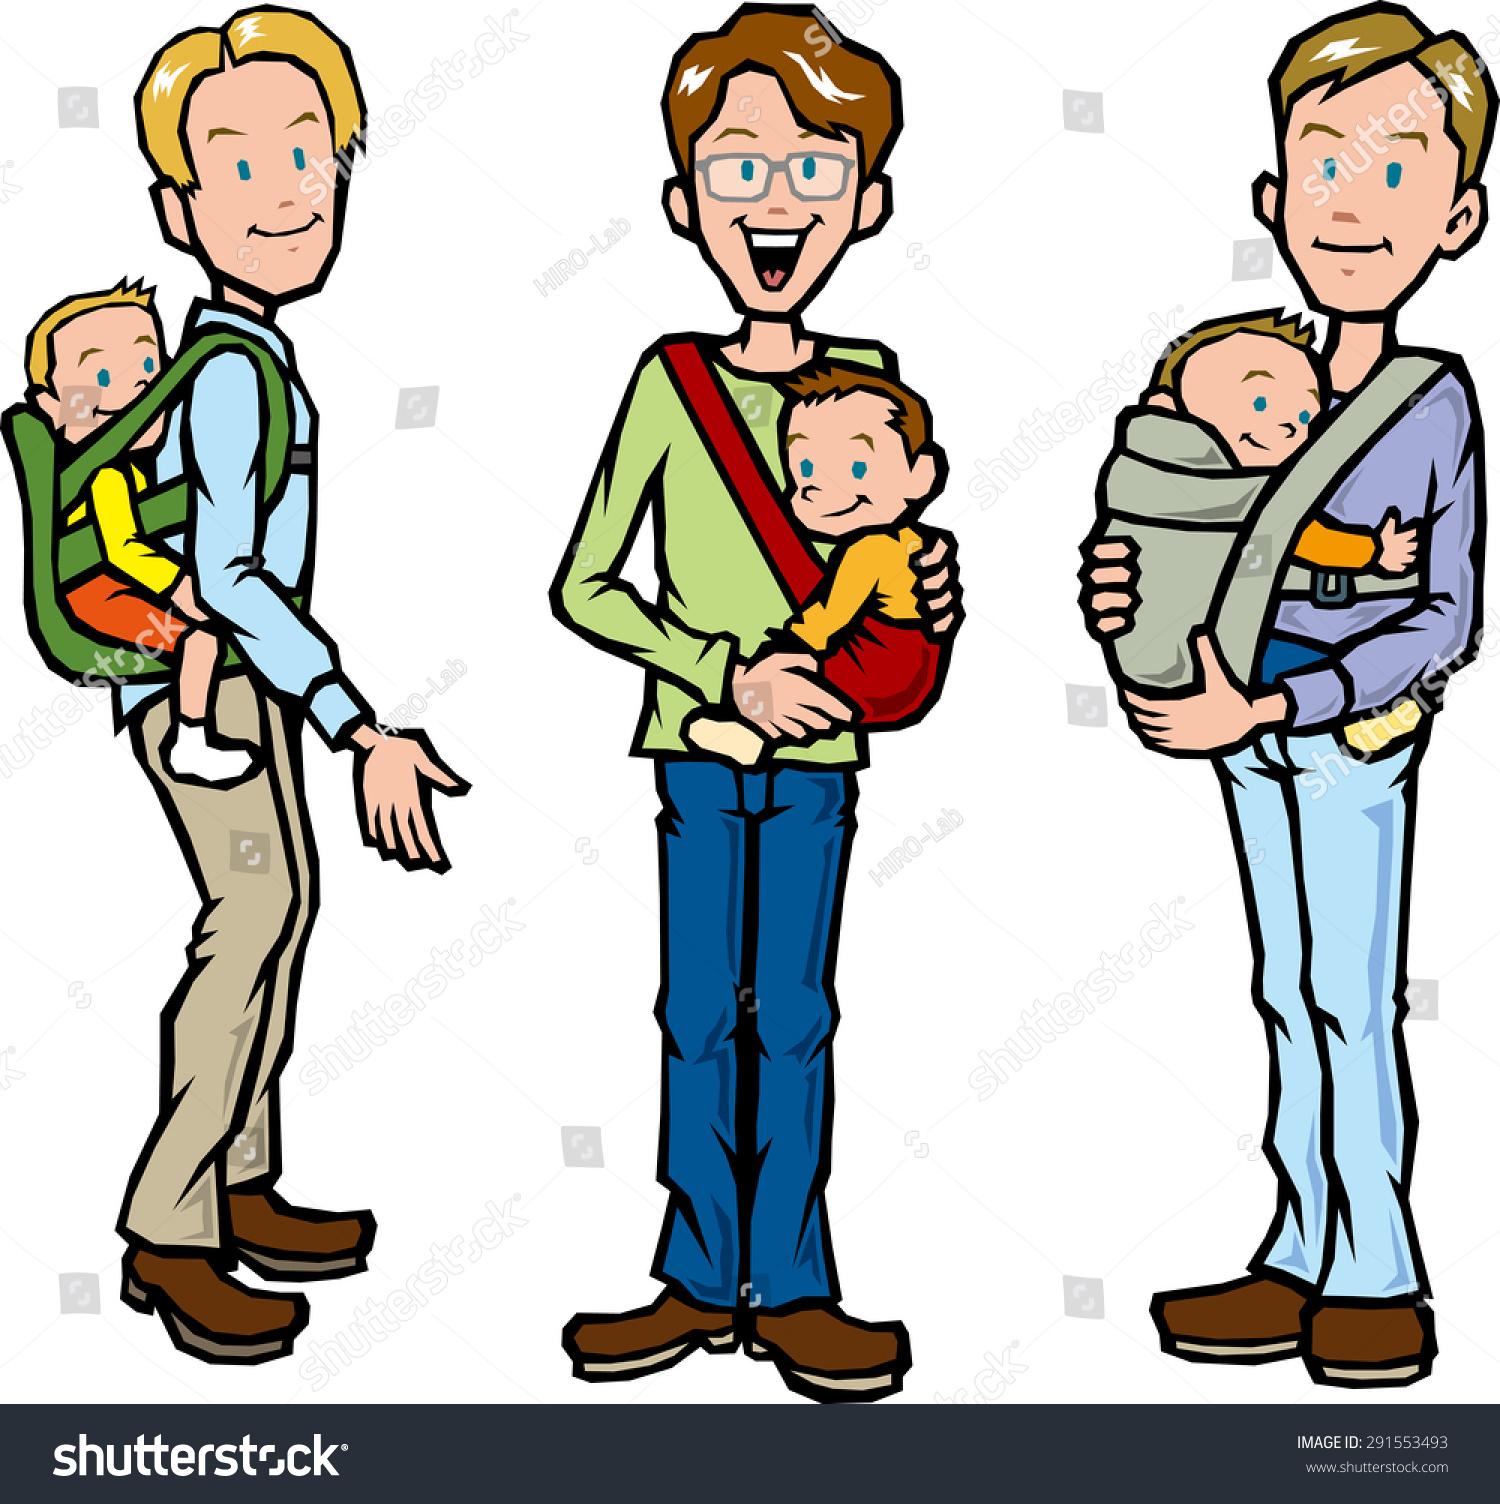 父亲拥抱孩子-人物-海洛创意(hellorf)-shutterstock